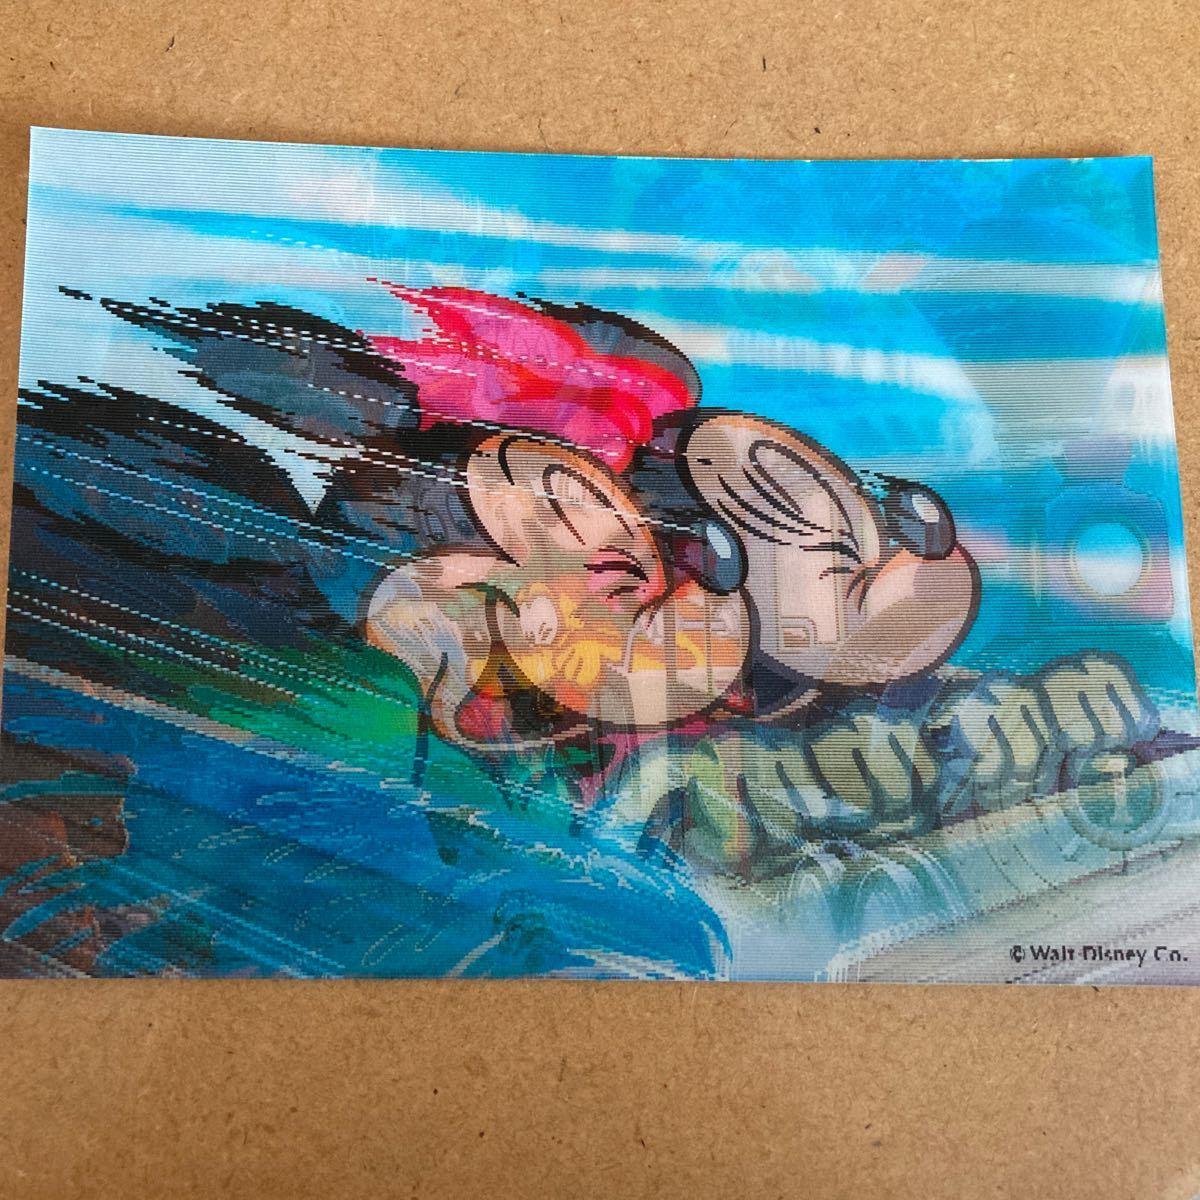 値下げ!レア!東京ディズニーランド Tokyo Disneyland 3Dポストカード 葉書、ハガキ 未使用品 ミッキー&ミニー 送料120円_画像2